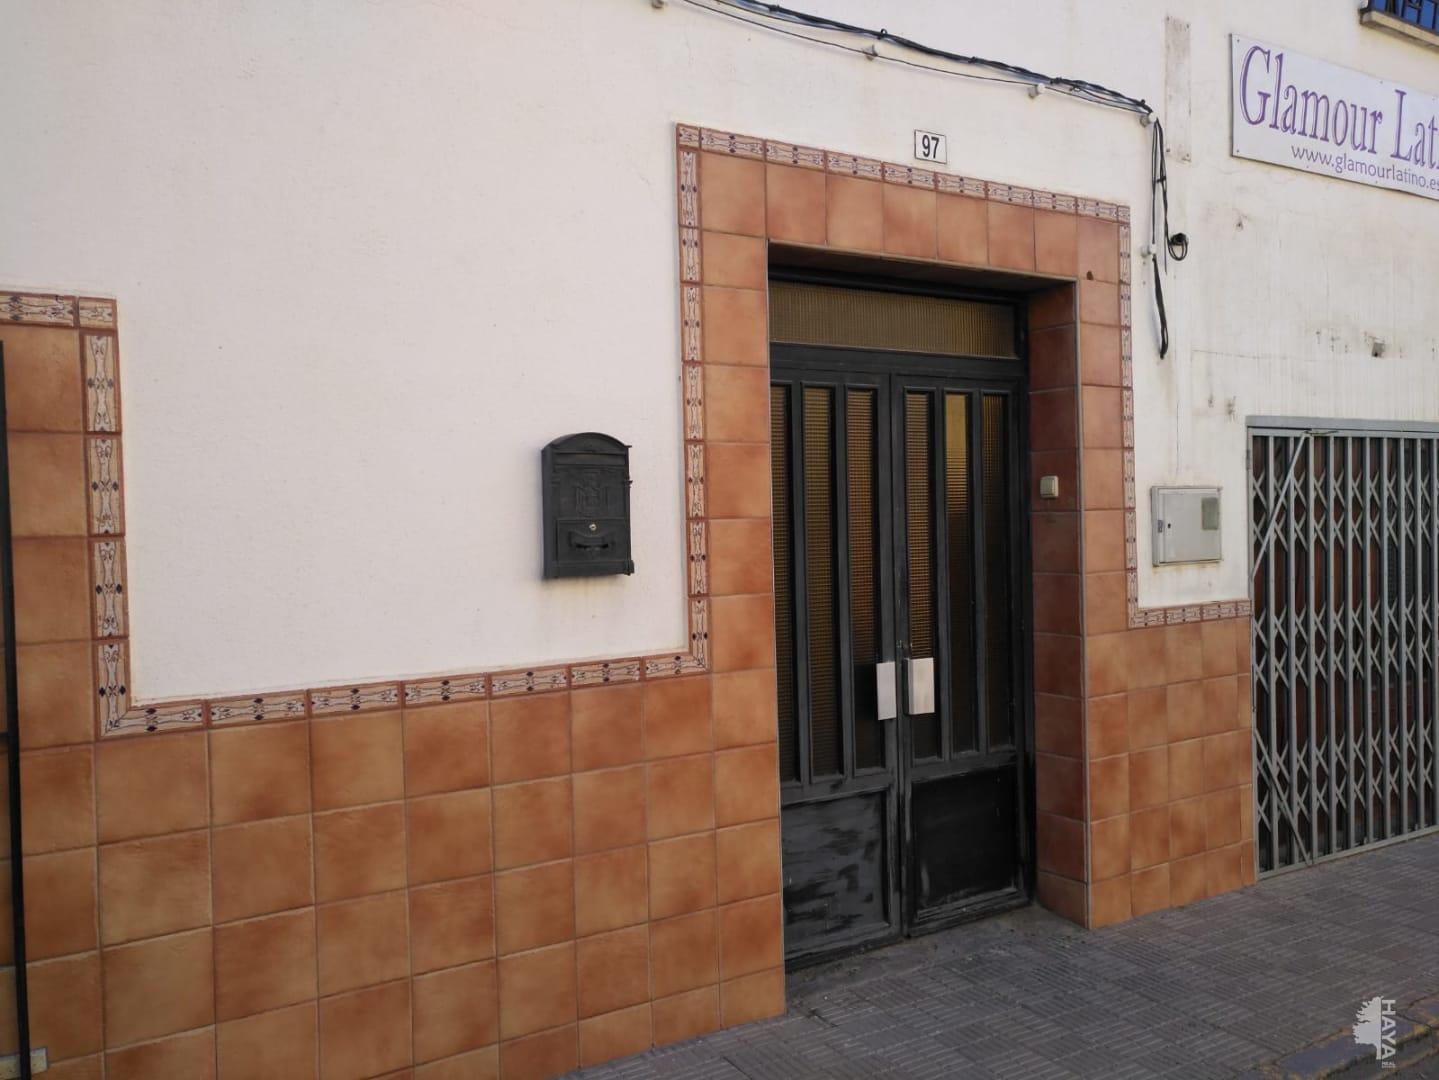 Casa en venta en Villarrobledo, Villarrobledo, Albacete, Calle Real, 110.580 €, 3 habitaciones, 1 baño, 291 m2